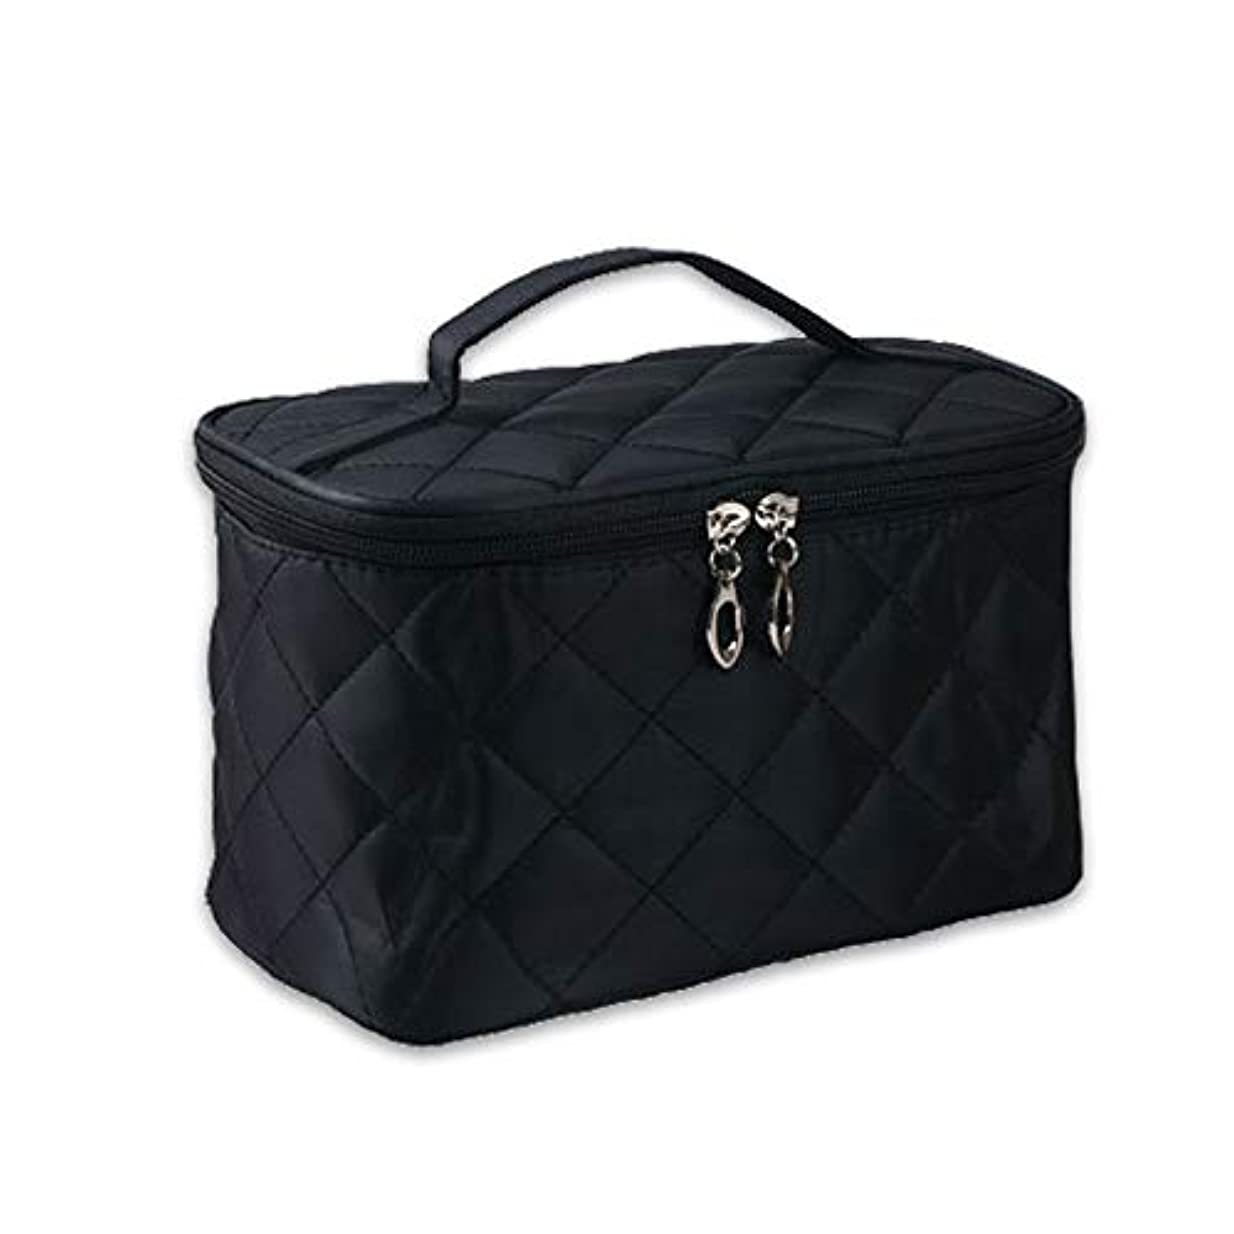 水分オペラ聖書女性 化粧品メイクバッグ 収納オーガナイザーバッグ 剤洗浄ツール フォールド ジッパーデザイン ナイロン ブラック